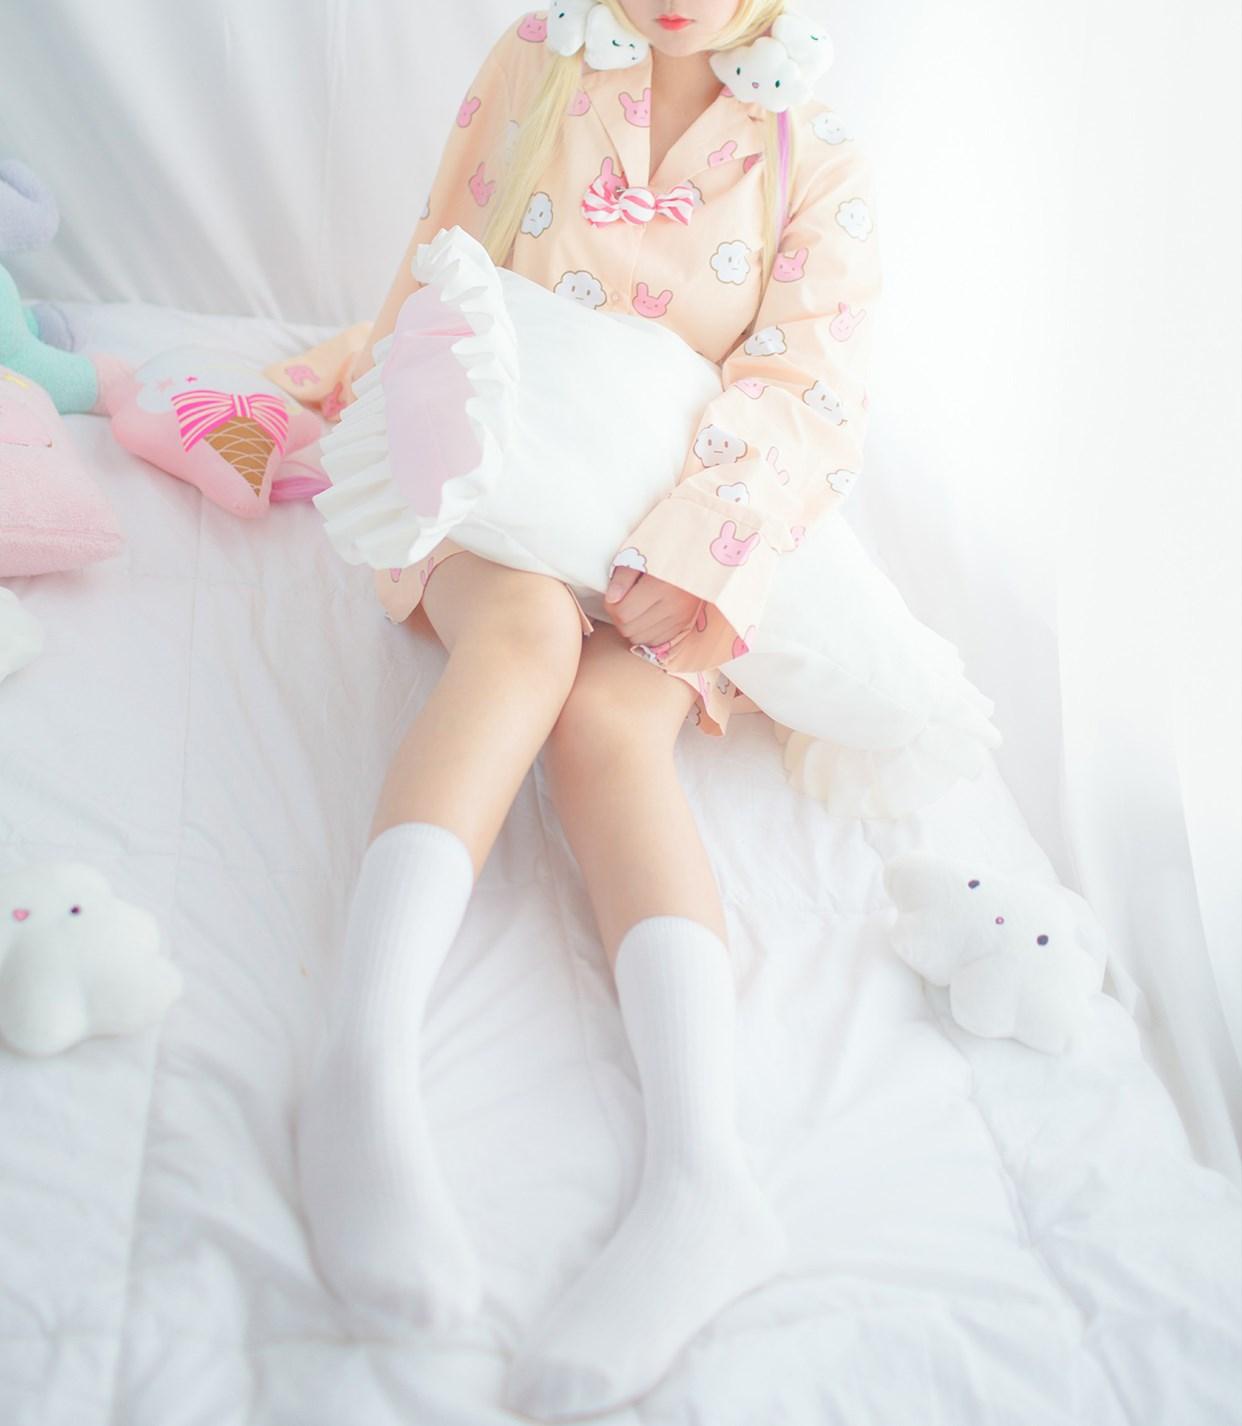 【兔玩映画】激萌小萝莉 兔玩映画 第6张